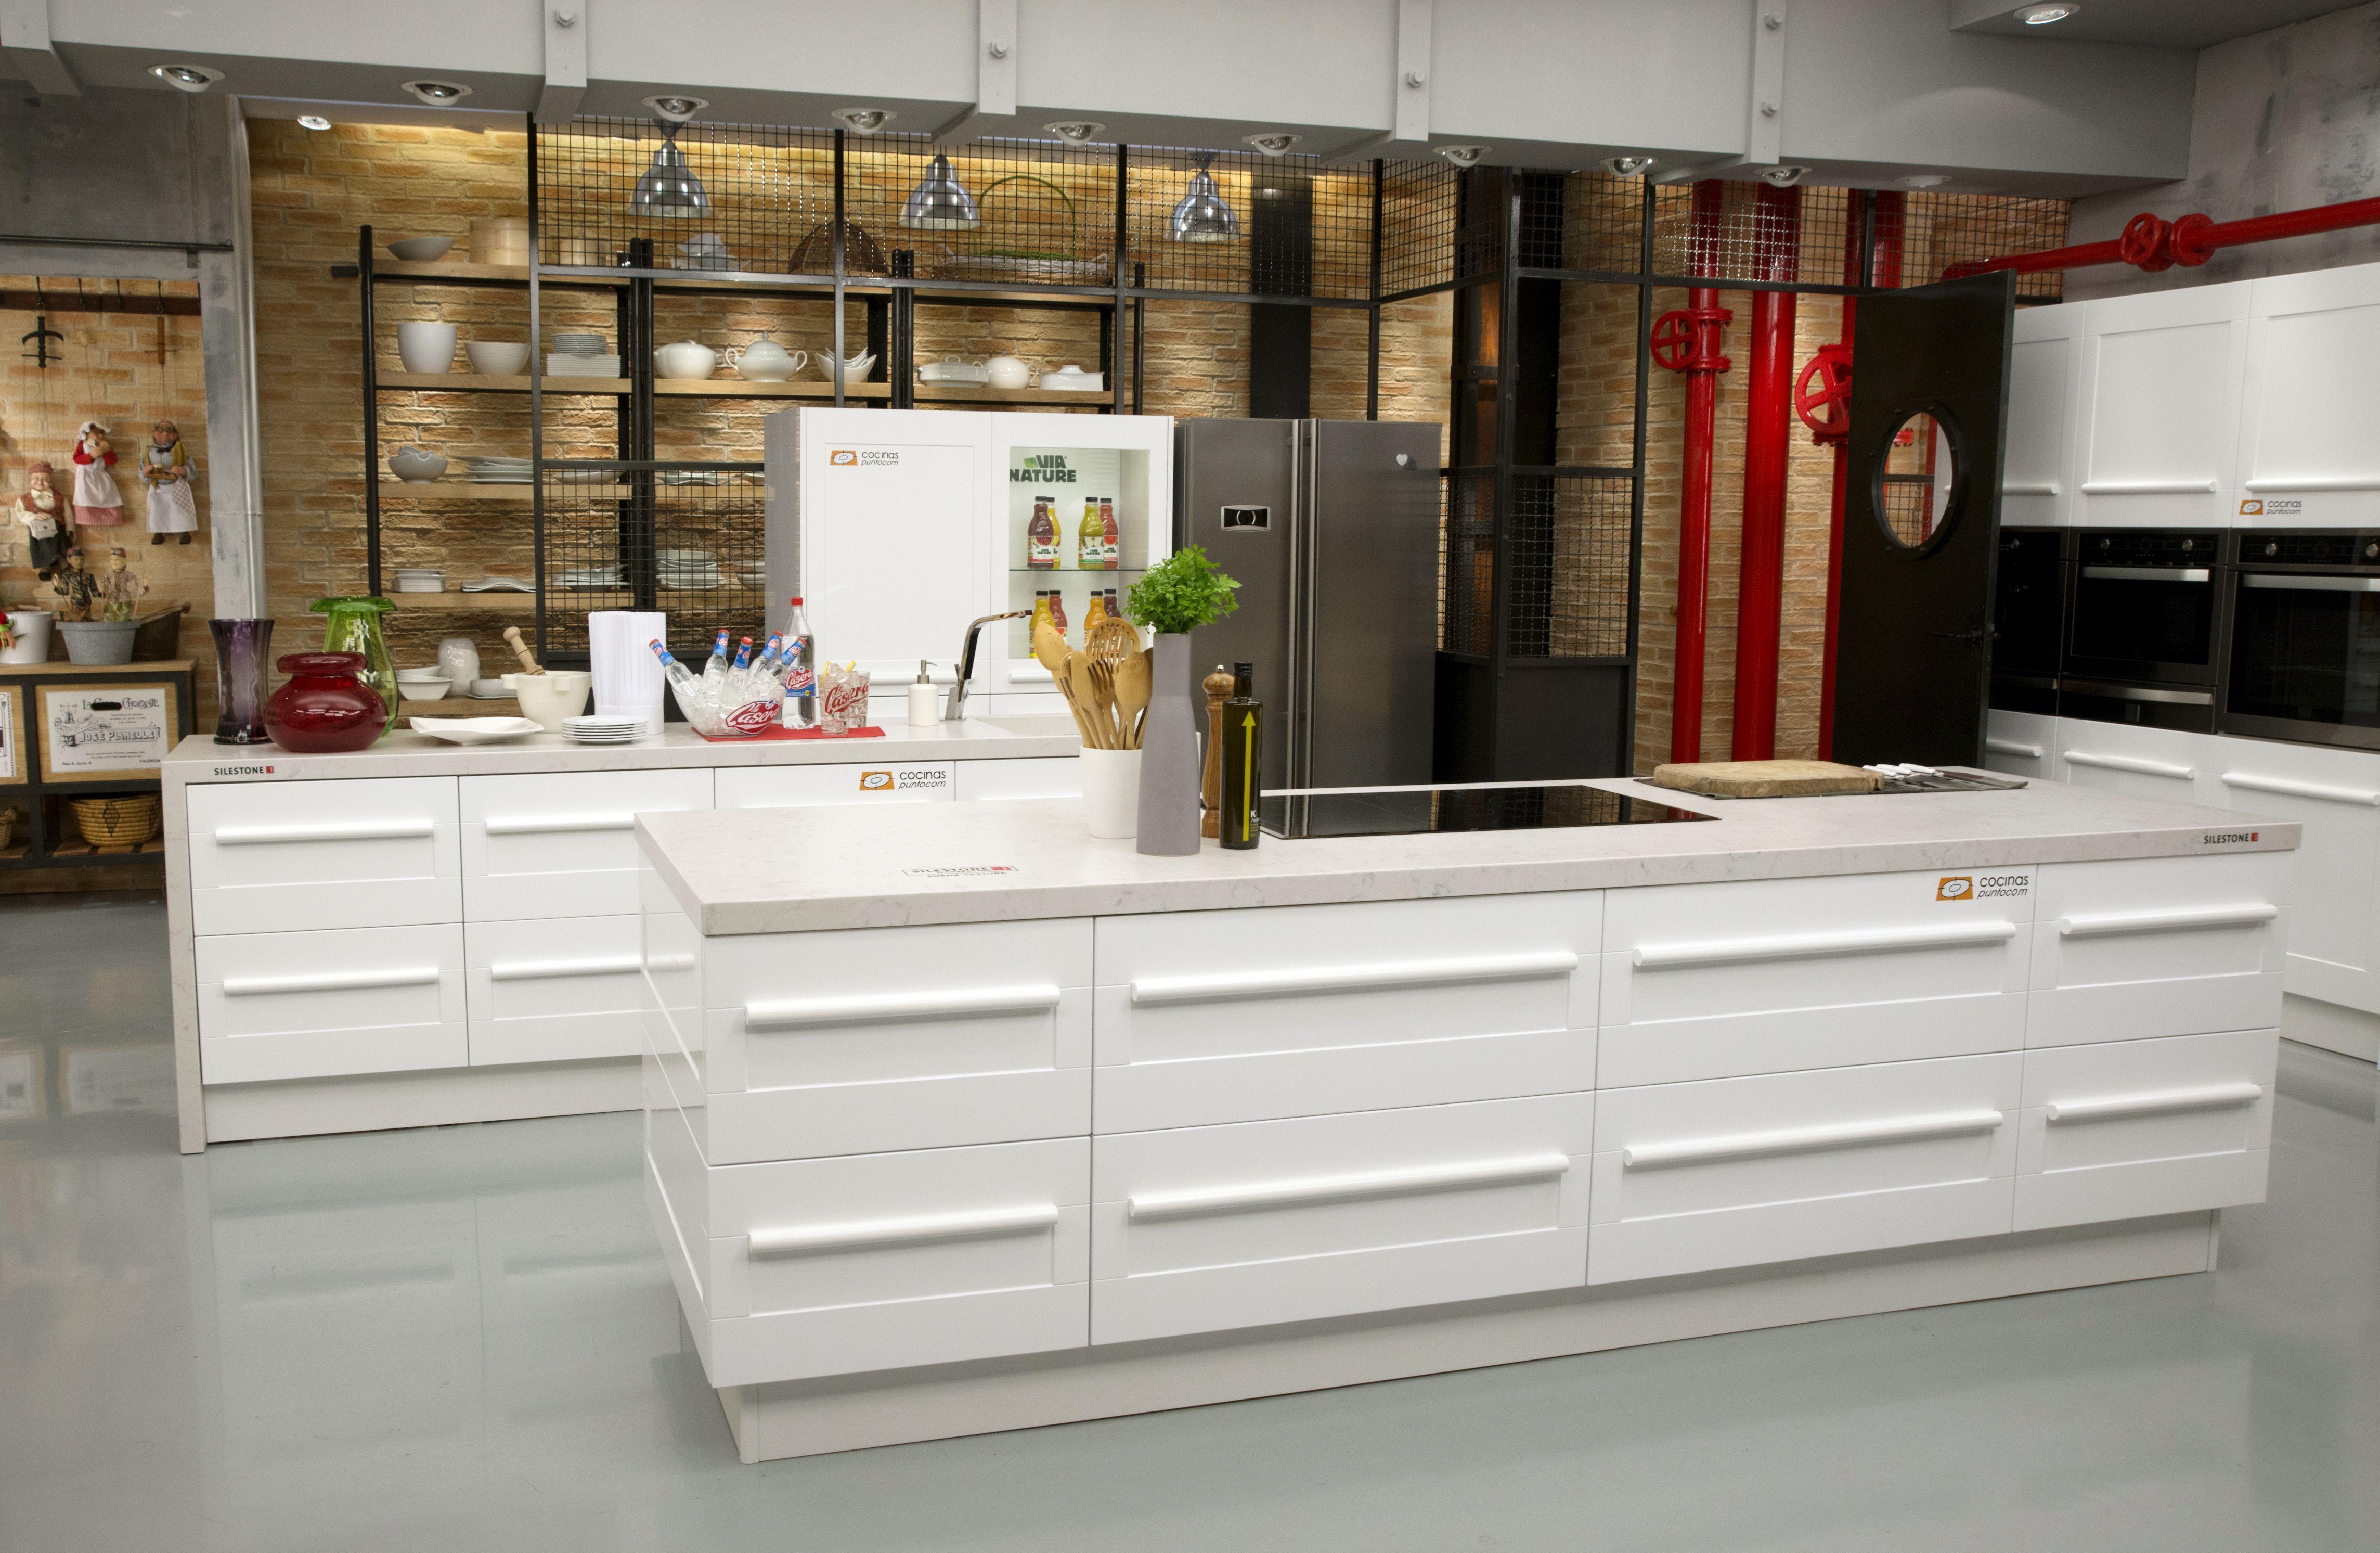 La nueva cocina de Karlos Arguiñano, la tercera que Cocinas.com ha ...